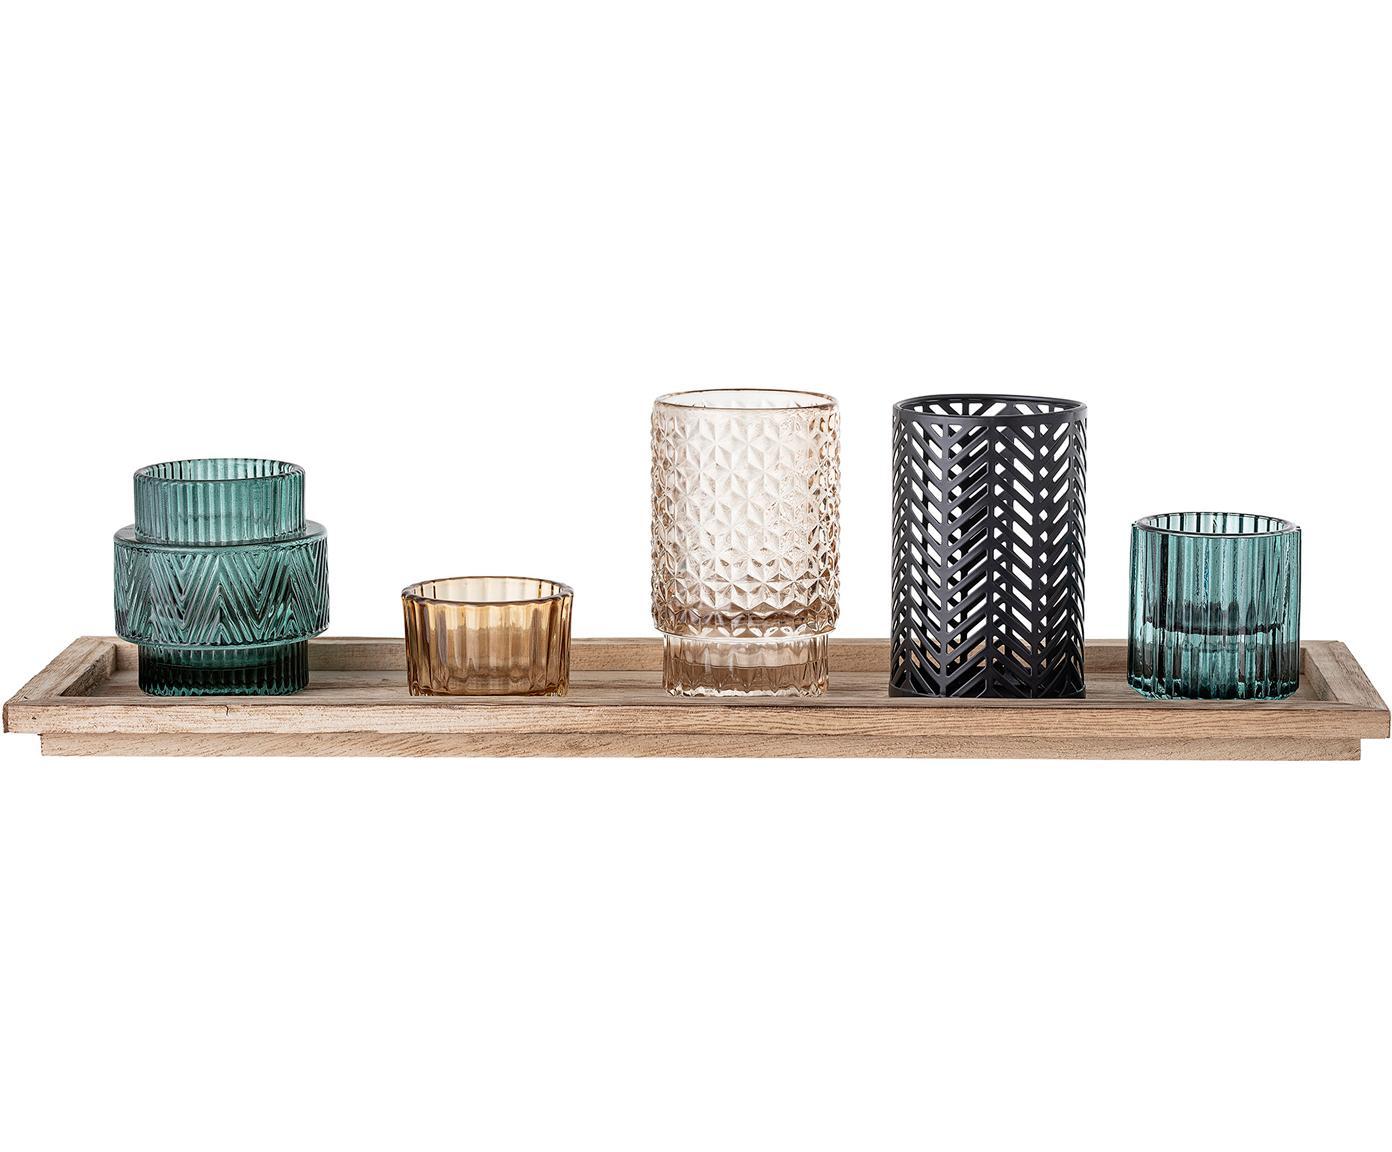 Set di lanterni Homa 6 pz, Lanterne: vetro tinto a spruzzo, Vassoio: legno di paulownia, Multicolore, Larg. 43 x Alt. 11 cm